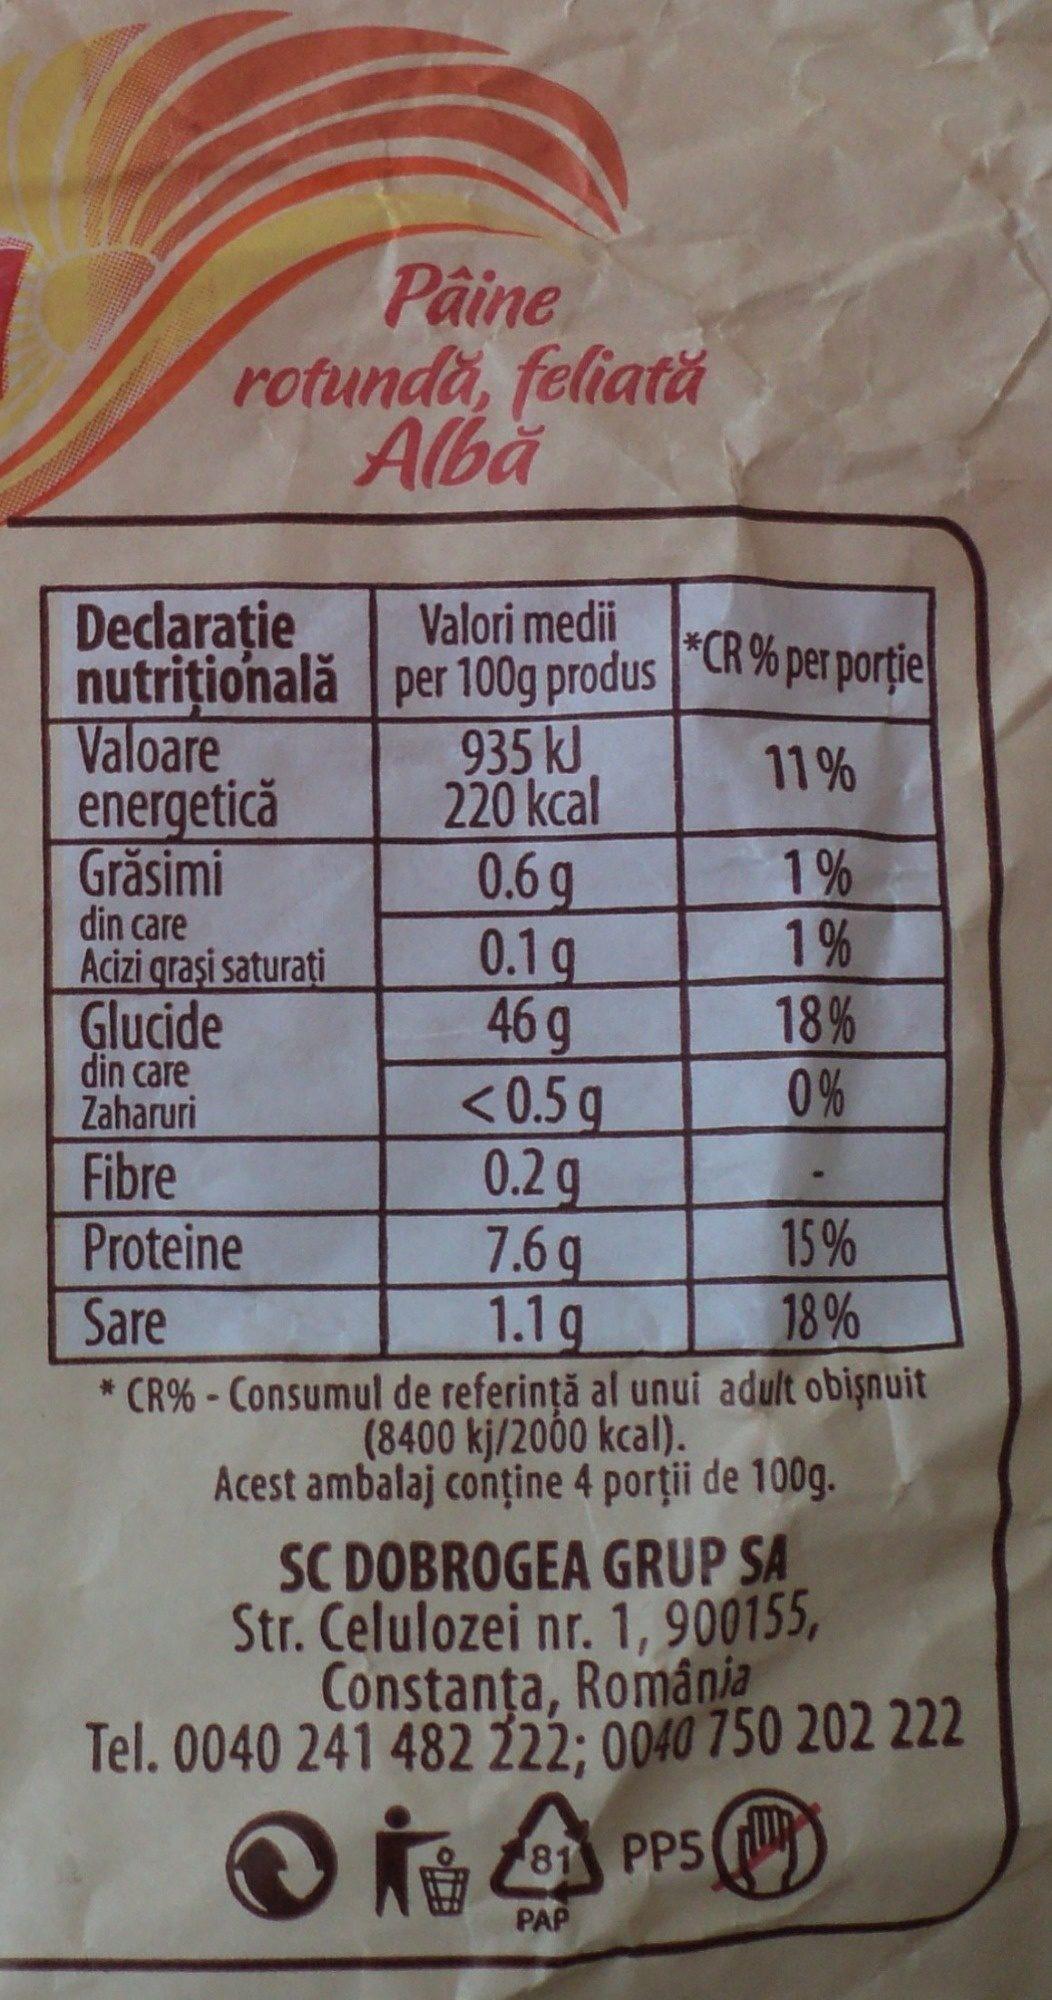 Dobrogea Pâine albă, rotundă, feliată - Nutrition facts - ro